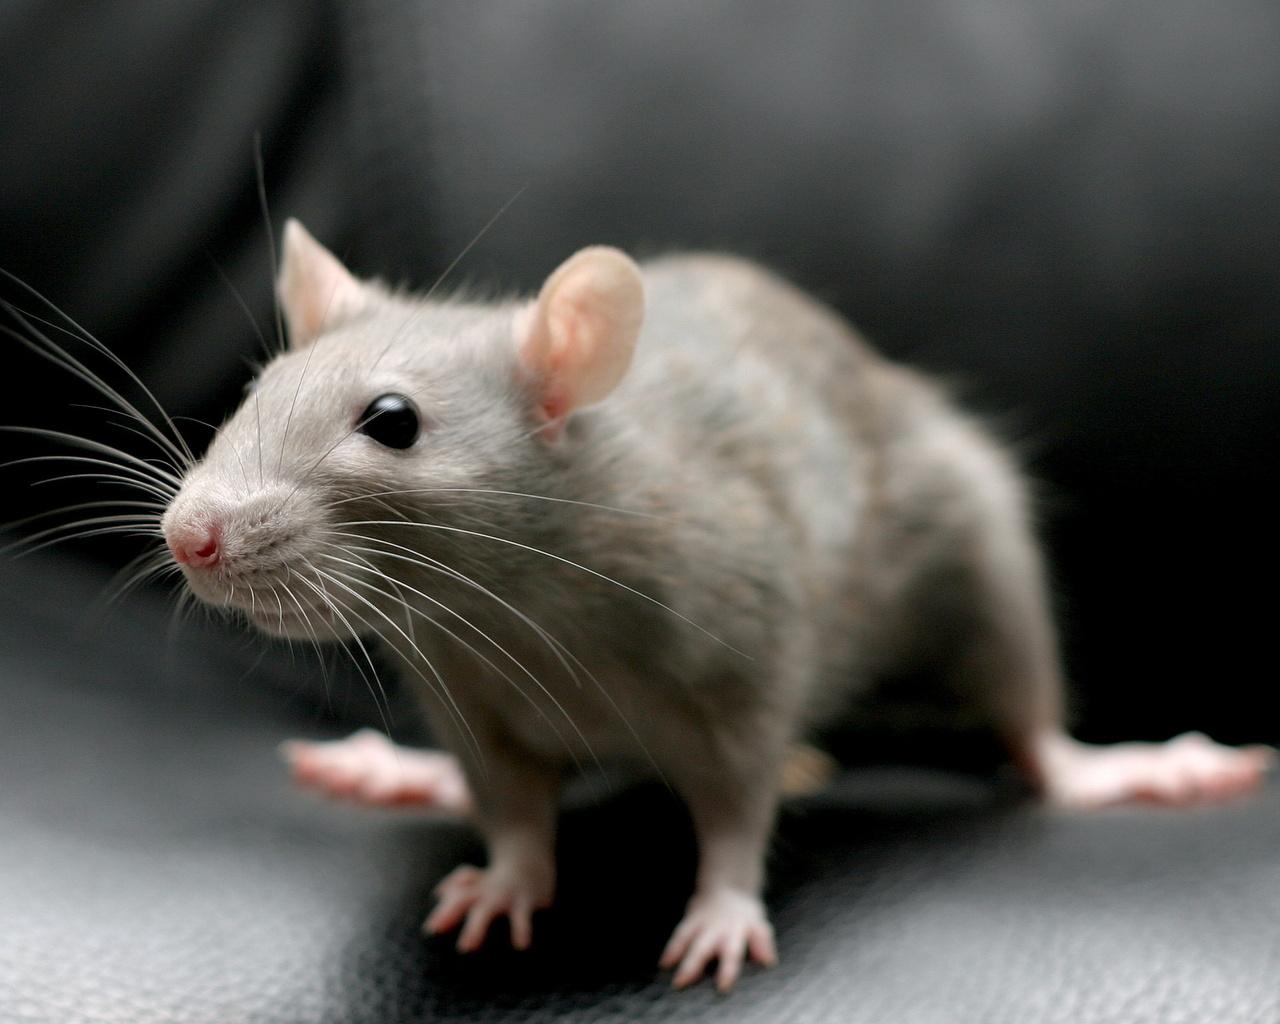 Нажителя Дона вдоме напала бешеная мышь, мужчина госпитализирован